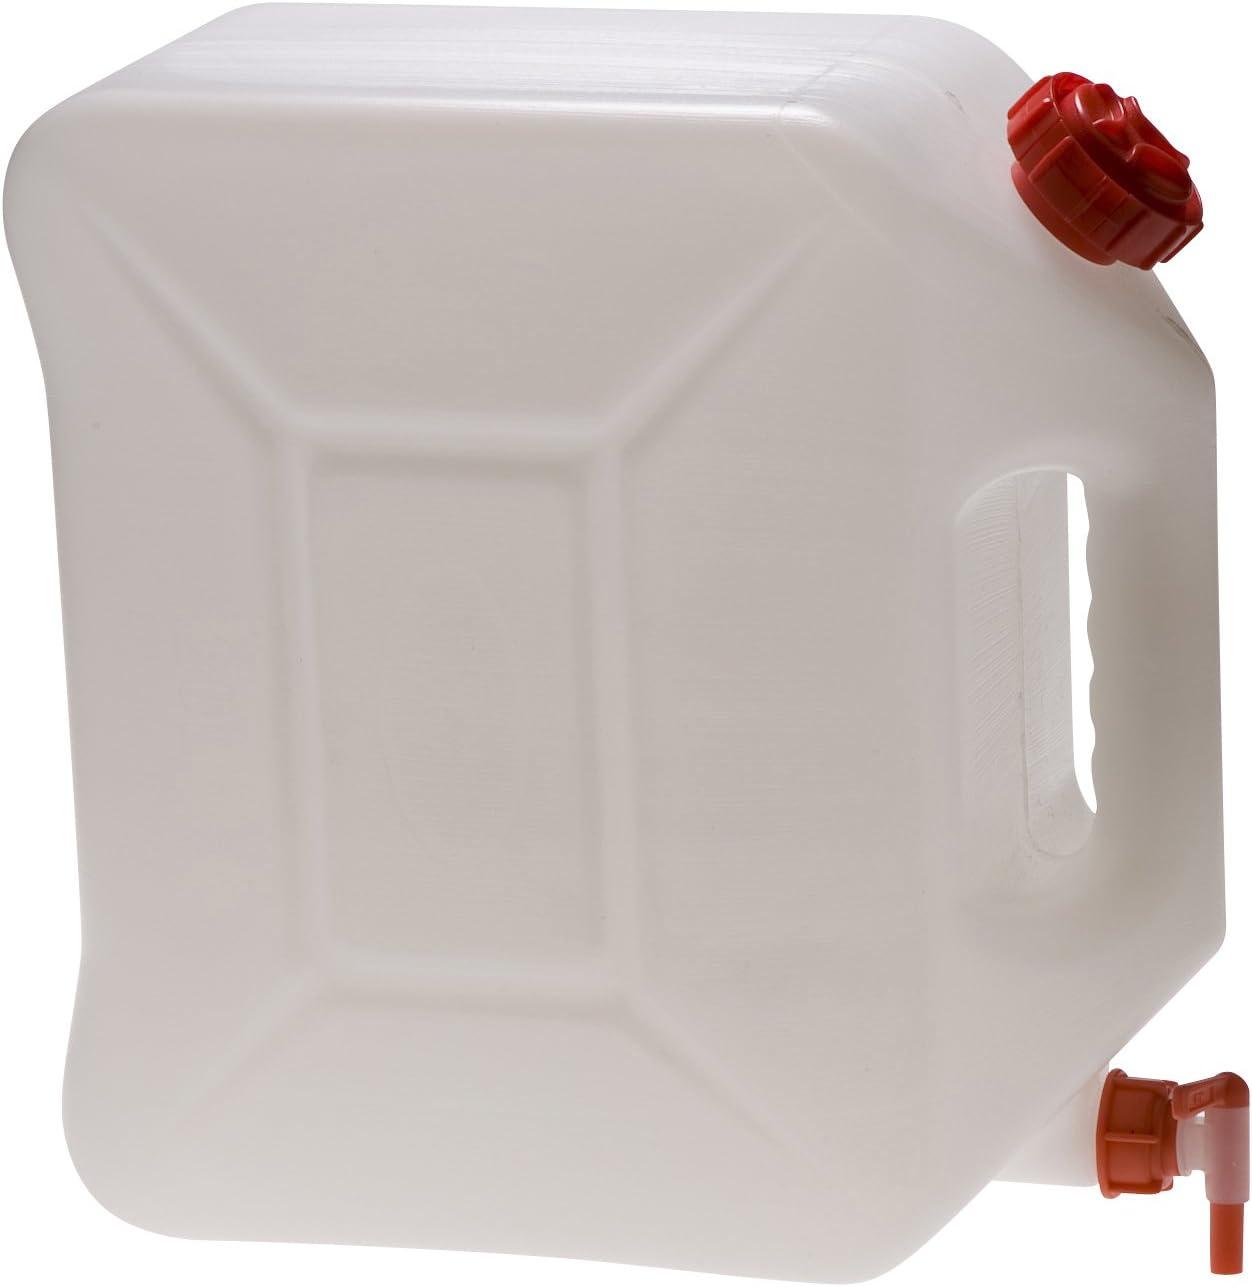 1,25 € 2,5 l Kunststoff  Kanister Neu Lebensmittelecht je St 75 St